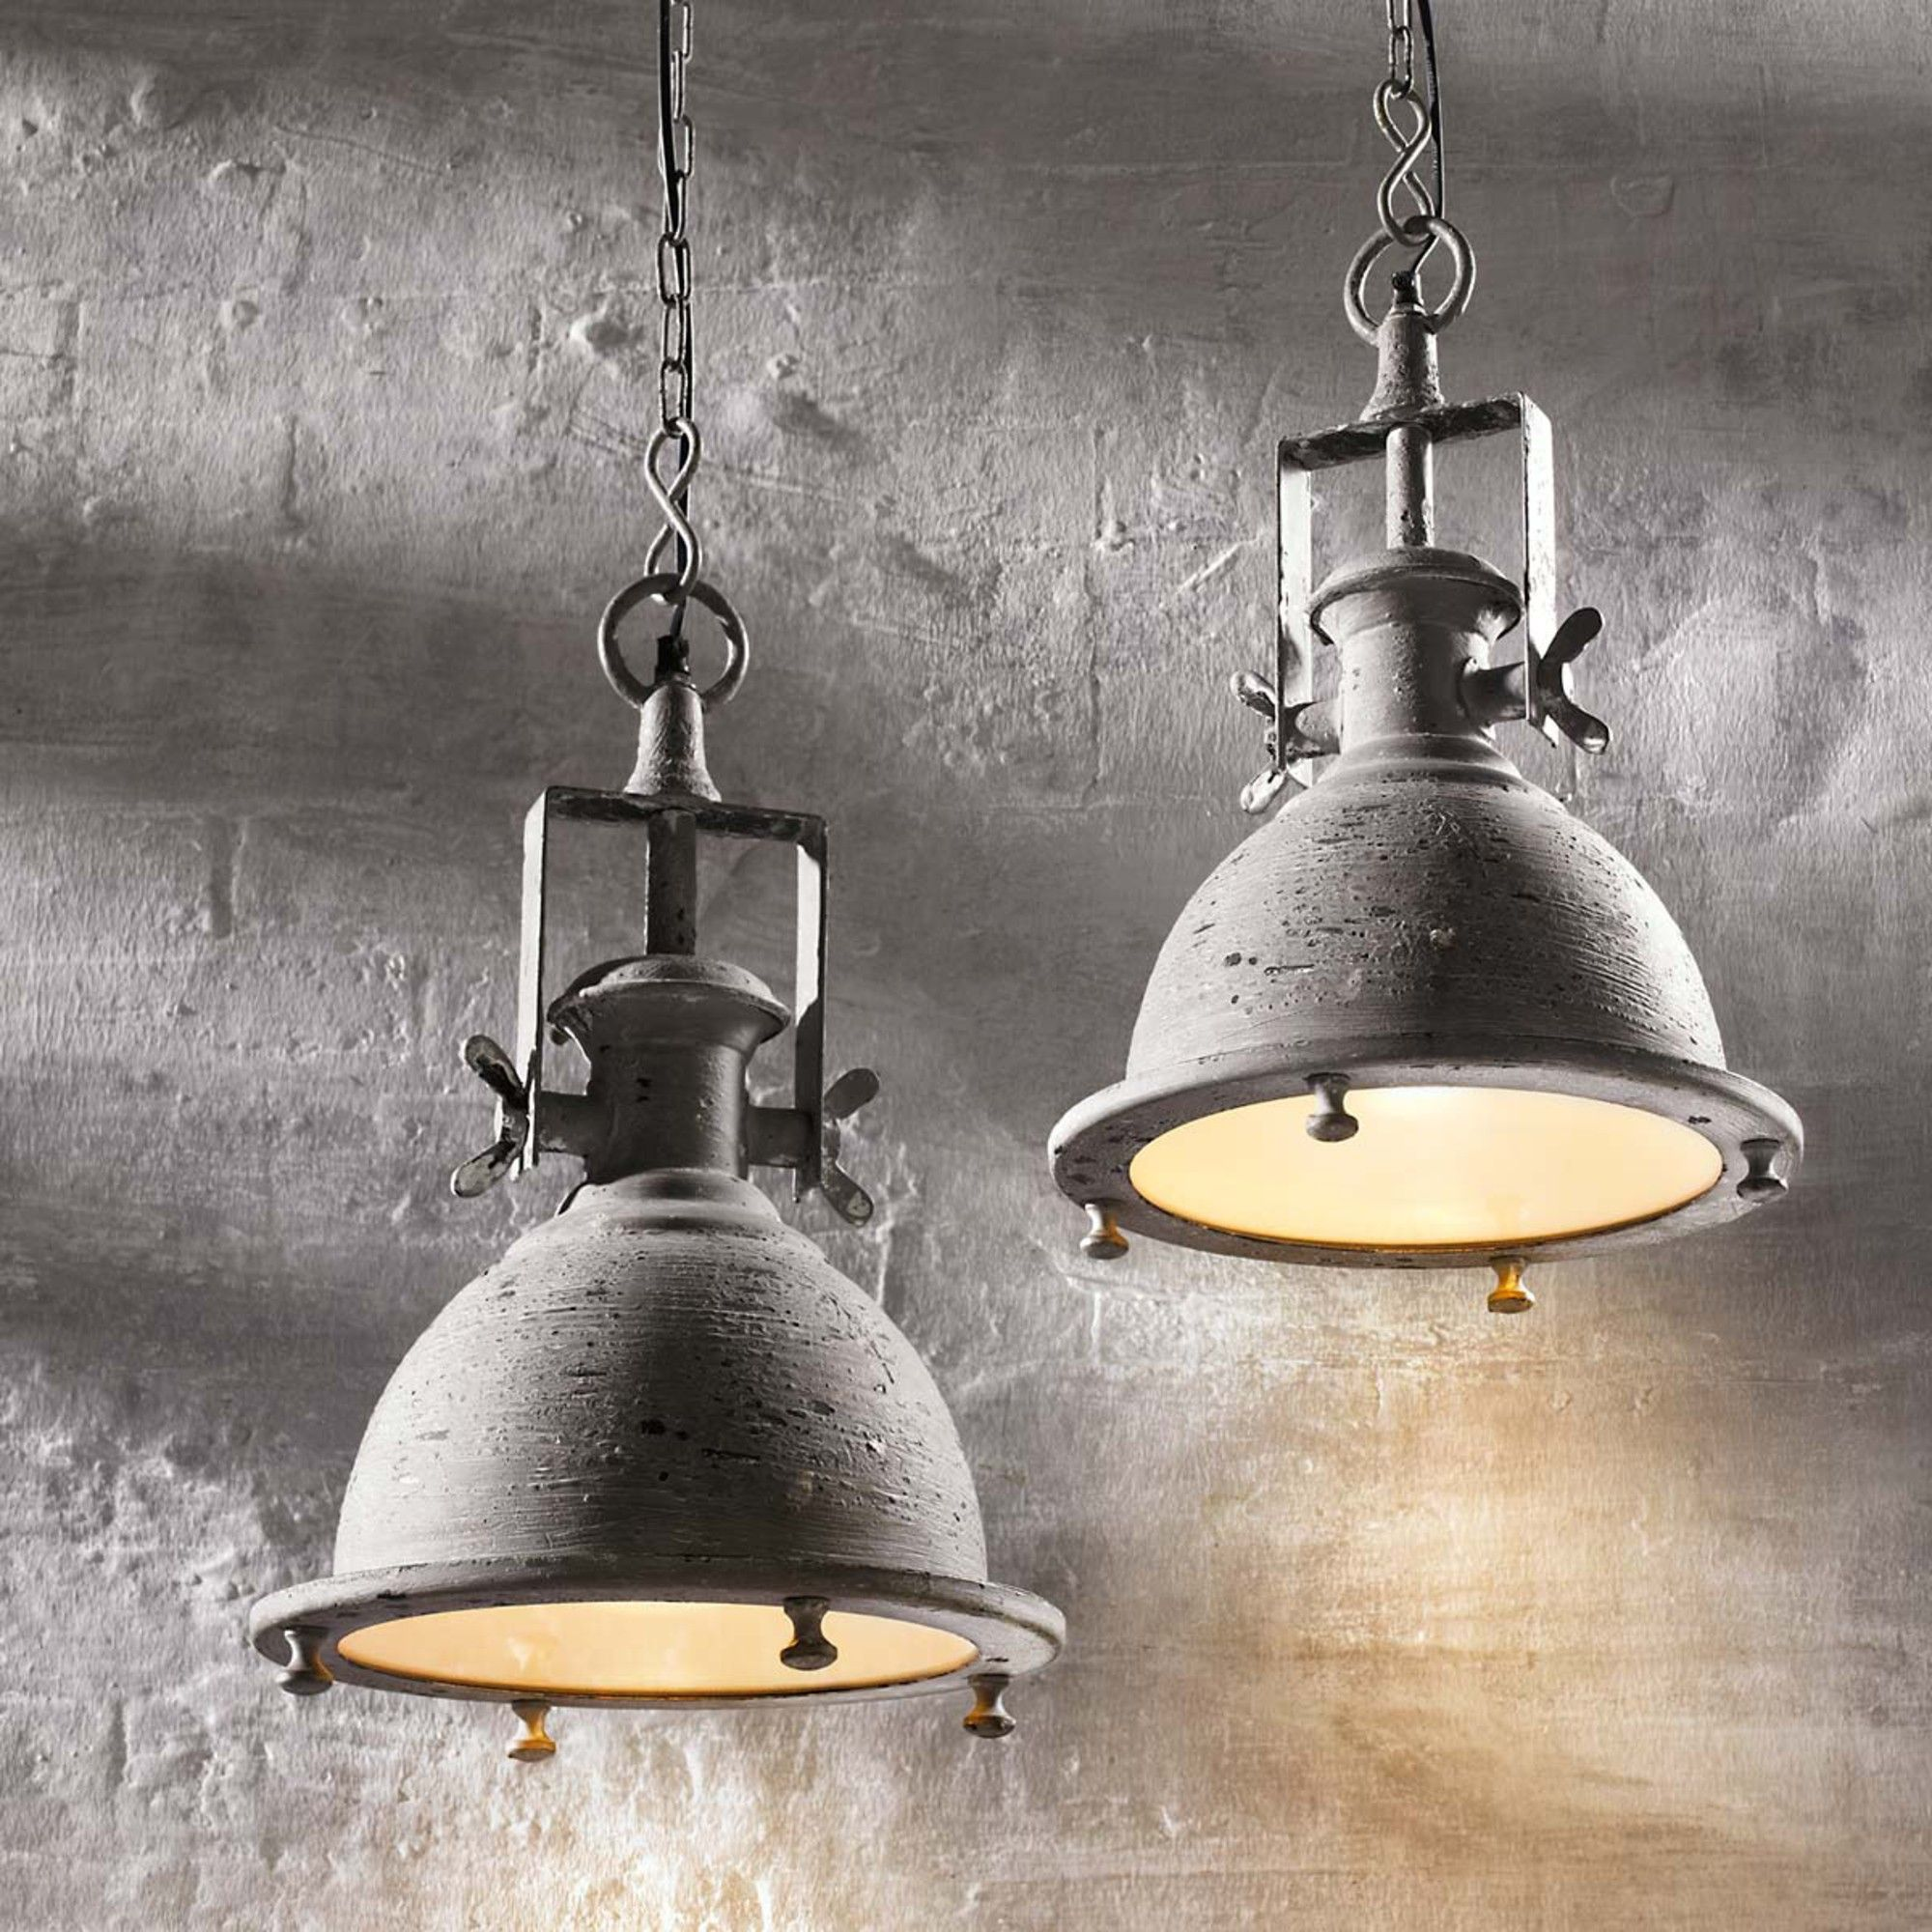 Erkunde Vintage Lampen Rustikal Und Noch Mehr